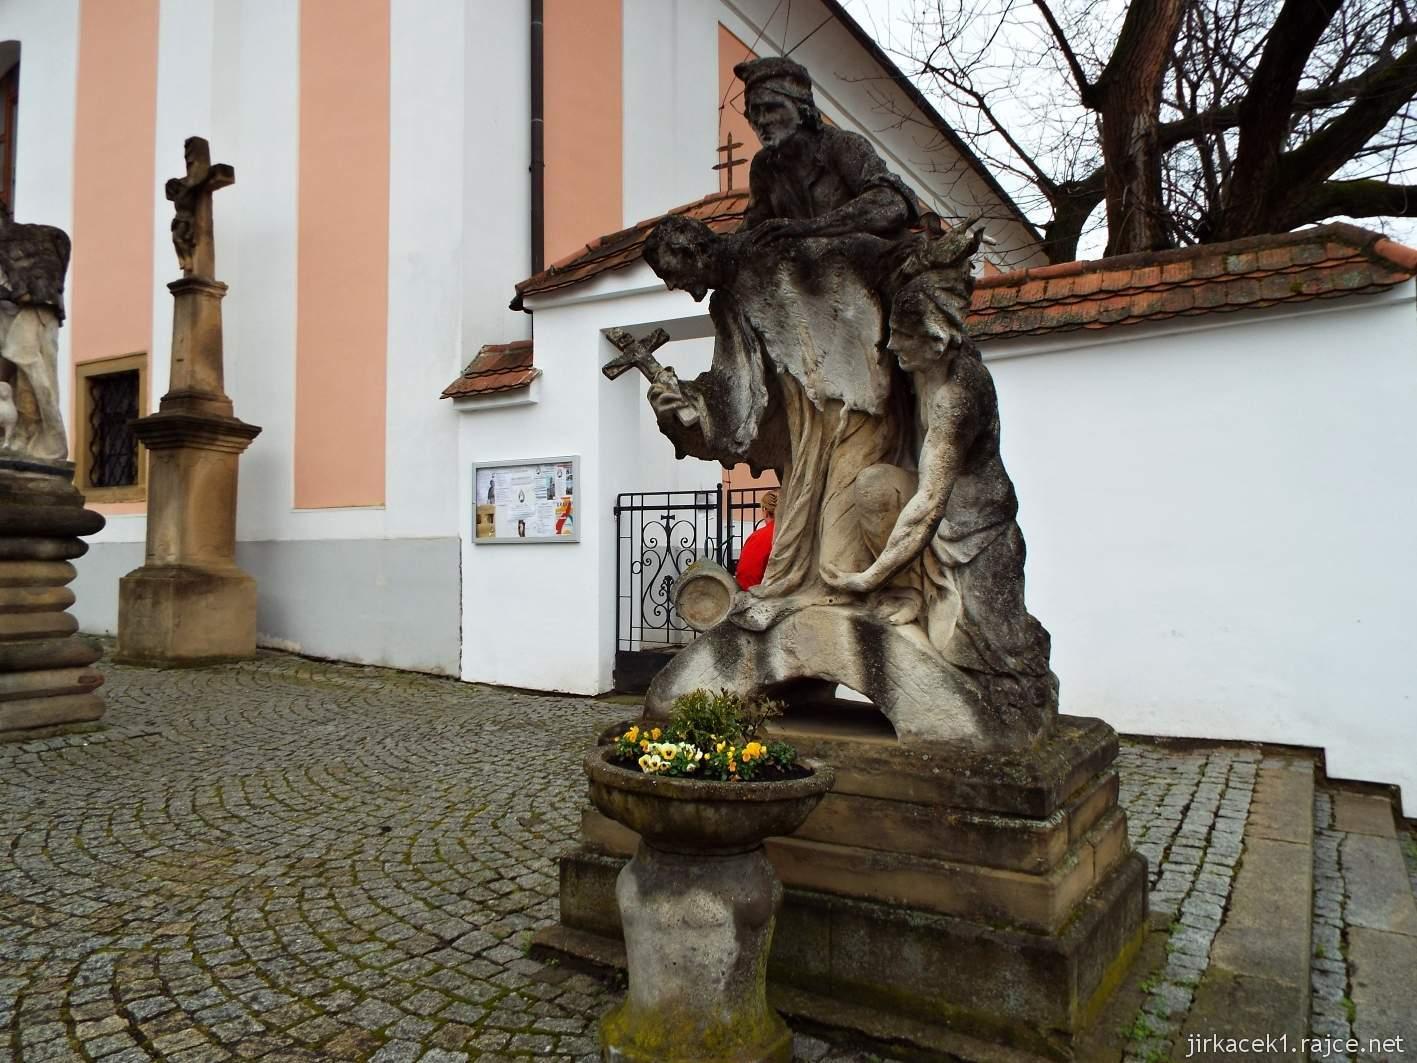 Žarošice - Kostel sv. Anny - sousoší sv. Jana Nepomuckého s katy v úborech jakobínů, kteří ho svrhují do vody